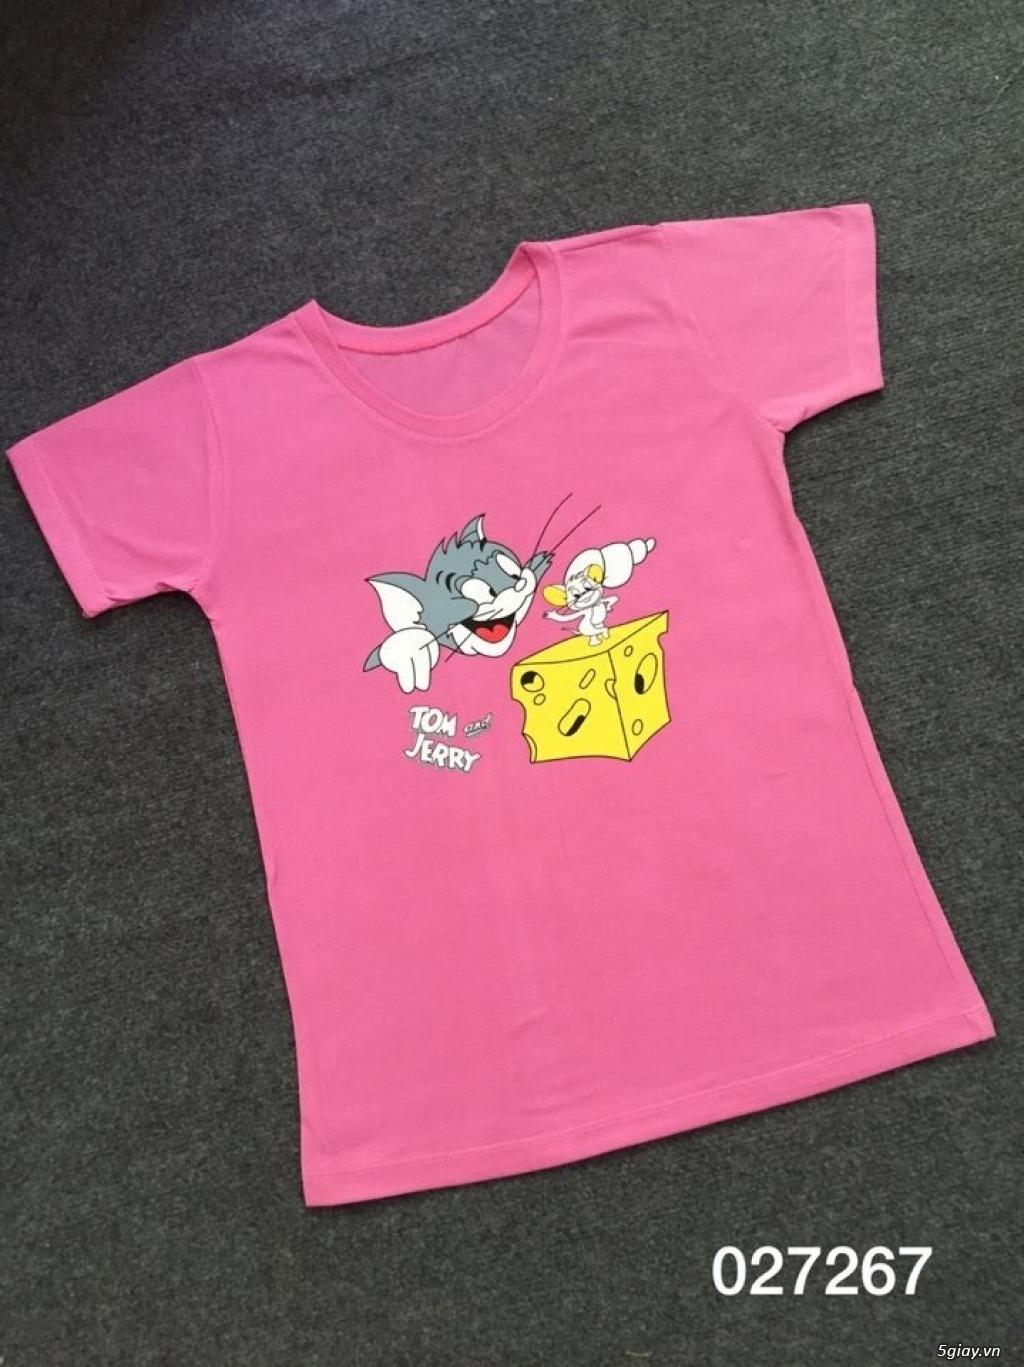 Bỏ sỉ áo thun mẹ & bé 10k - 15k - 20k giá rẻ, chất lượng tốt nhất  !!! - 11